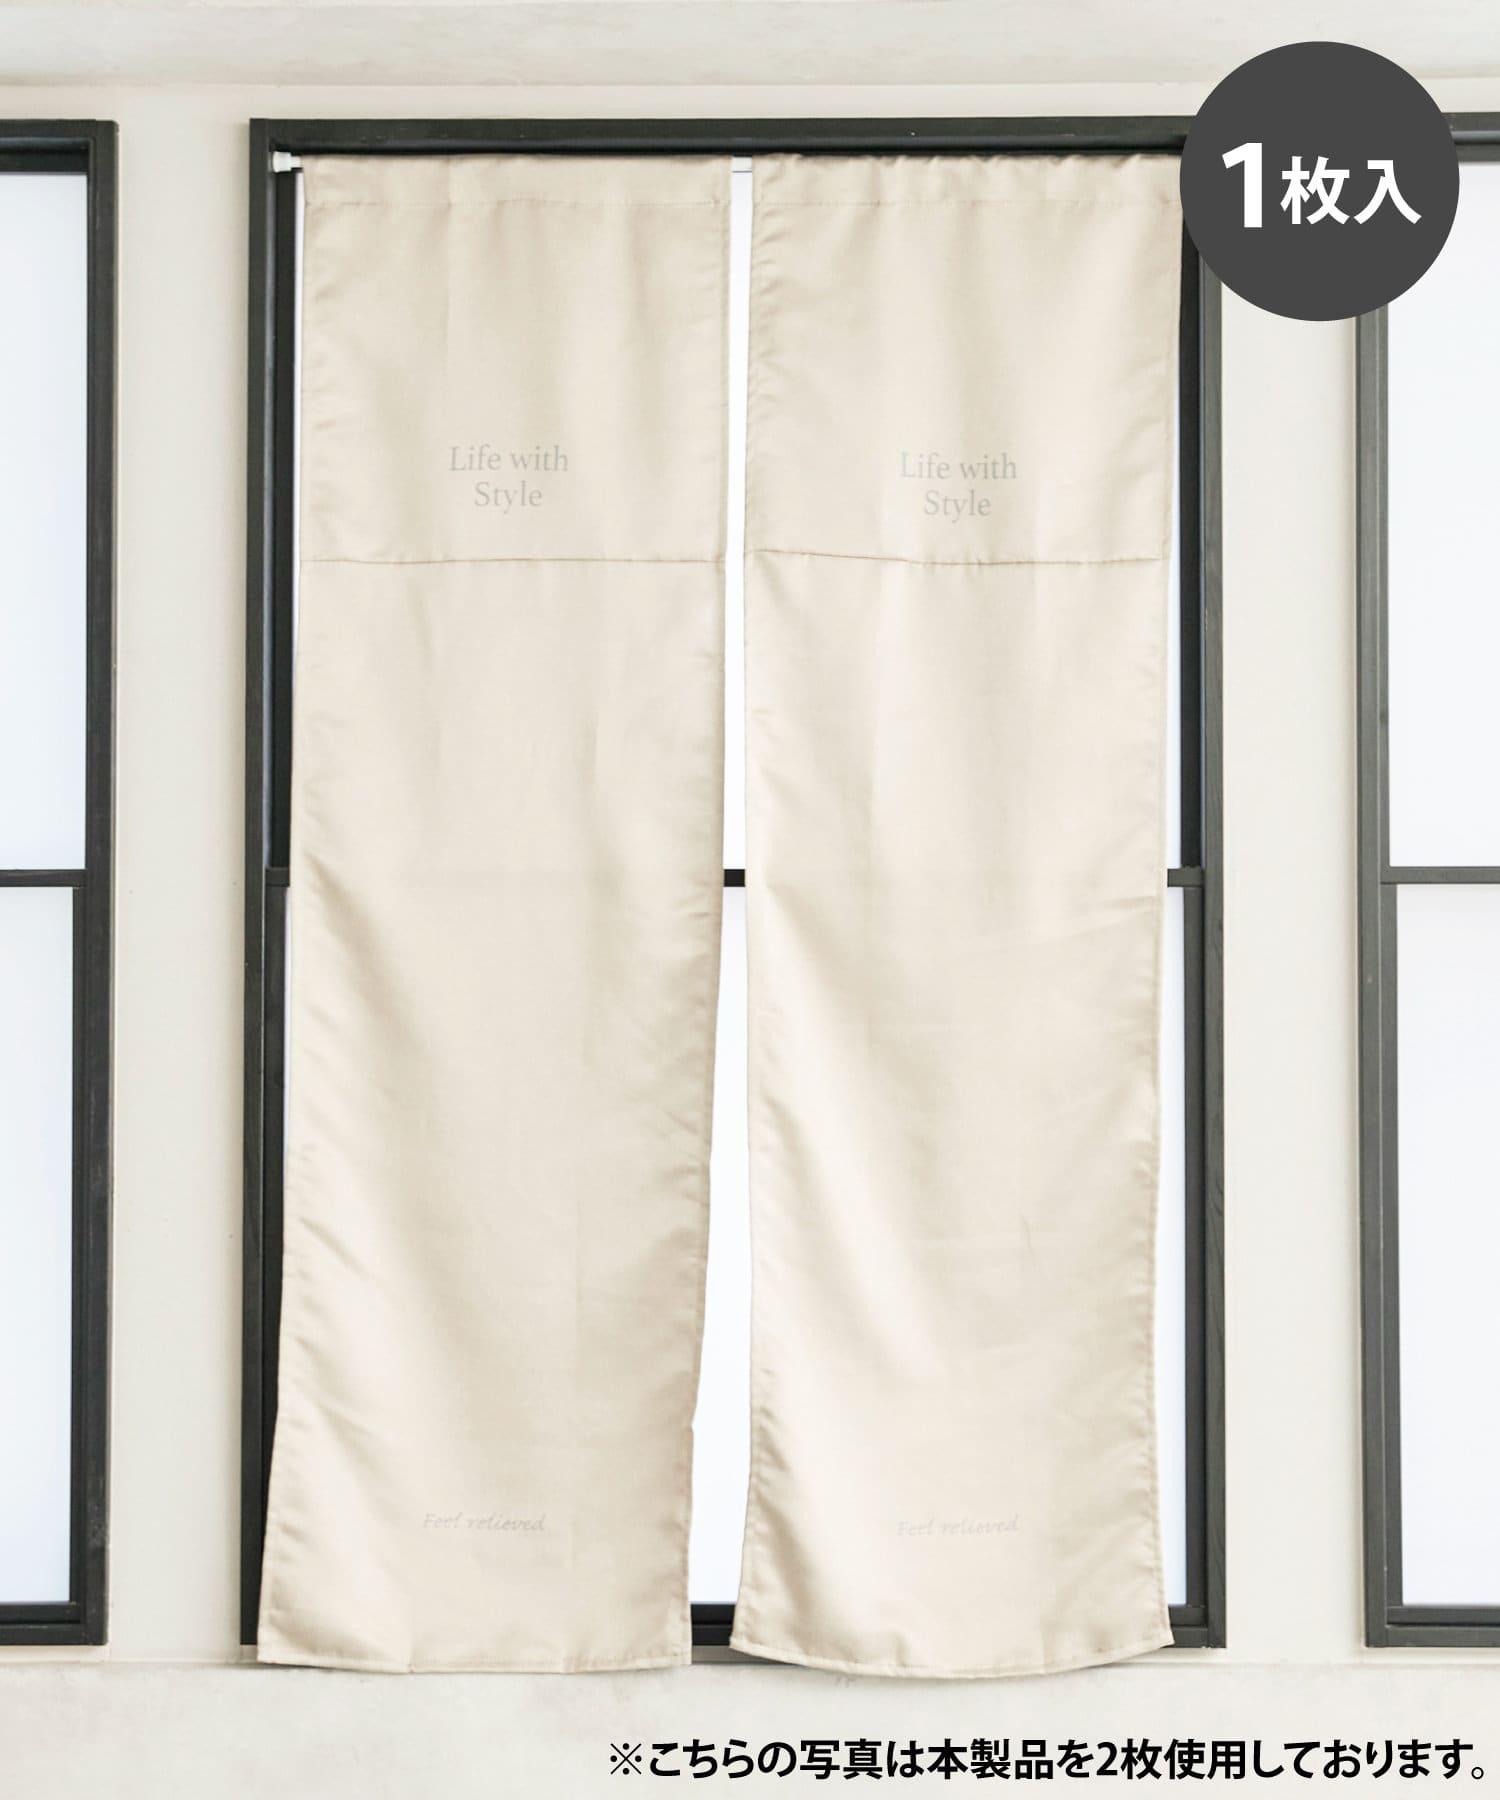 3COINS(スリーコインズ) ライフスタイル 遮光セパレートカーテン アイボリー